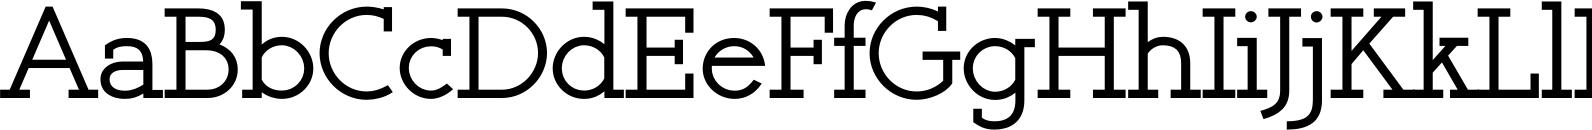 Register Serif